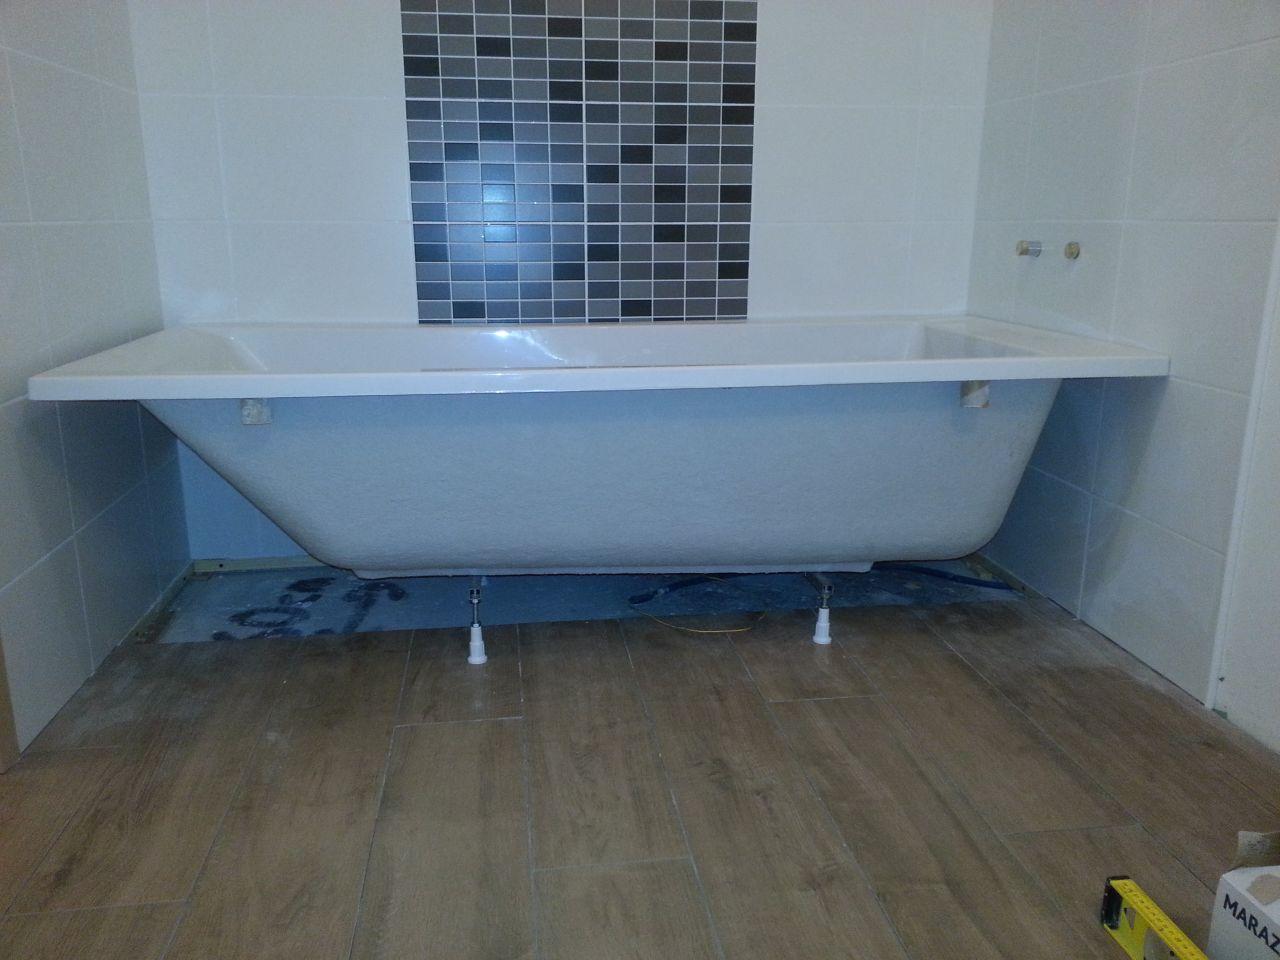 test de la dremel 4200 gr ce trnd joint carrelage salle de bain joint carrelage salle de. Black Bedroom Furniture Sets. Home Design Ideas